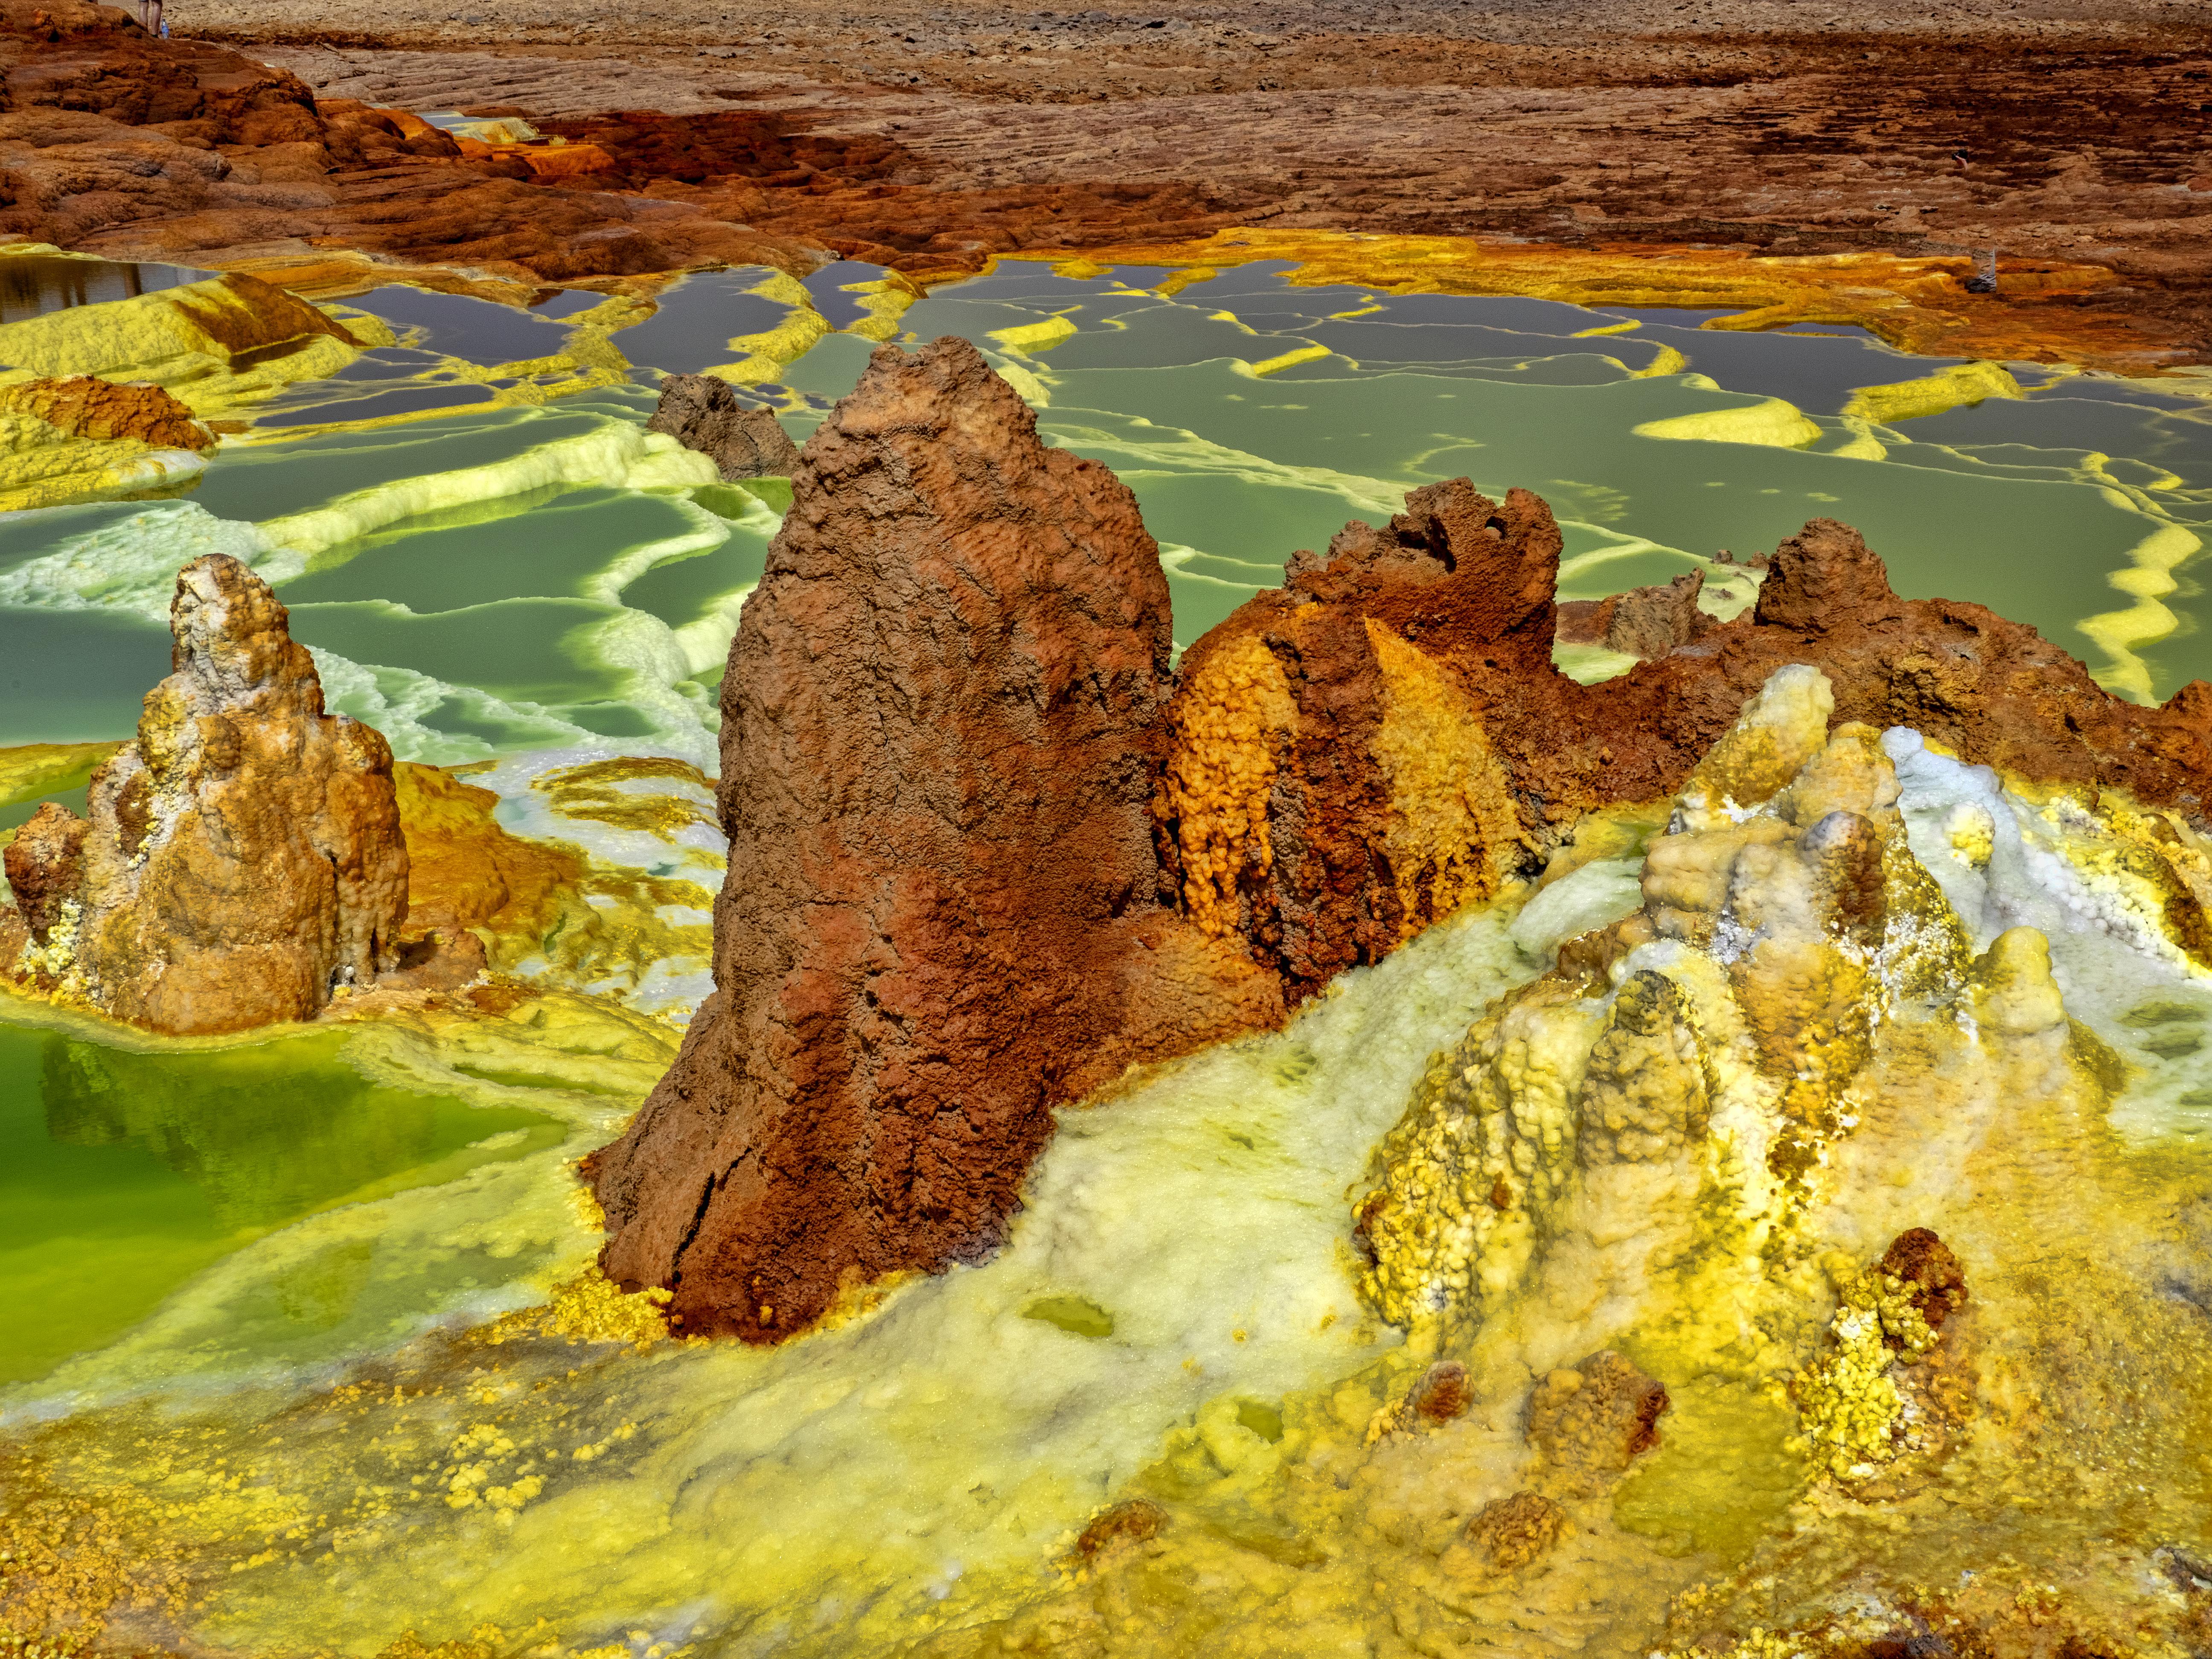 La Depresión de Danakil en Etiopía y su paisaje, que consiste en sal ardiente, roca volcánica y ácido sulfúrico, se considera el lugar más inhabitable de la Tierra. Los manantiales alrededor del volcán Dallol, uno de los numerosos volcanes dentro de la Depresión, tienen propiedades hidrotermales que no solo son tóxicas sino que también no son adecuadas para la vida